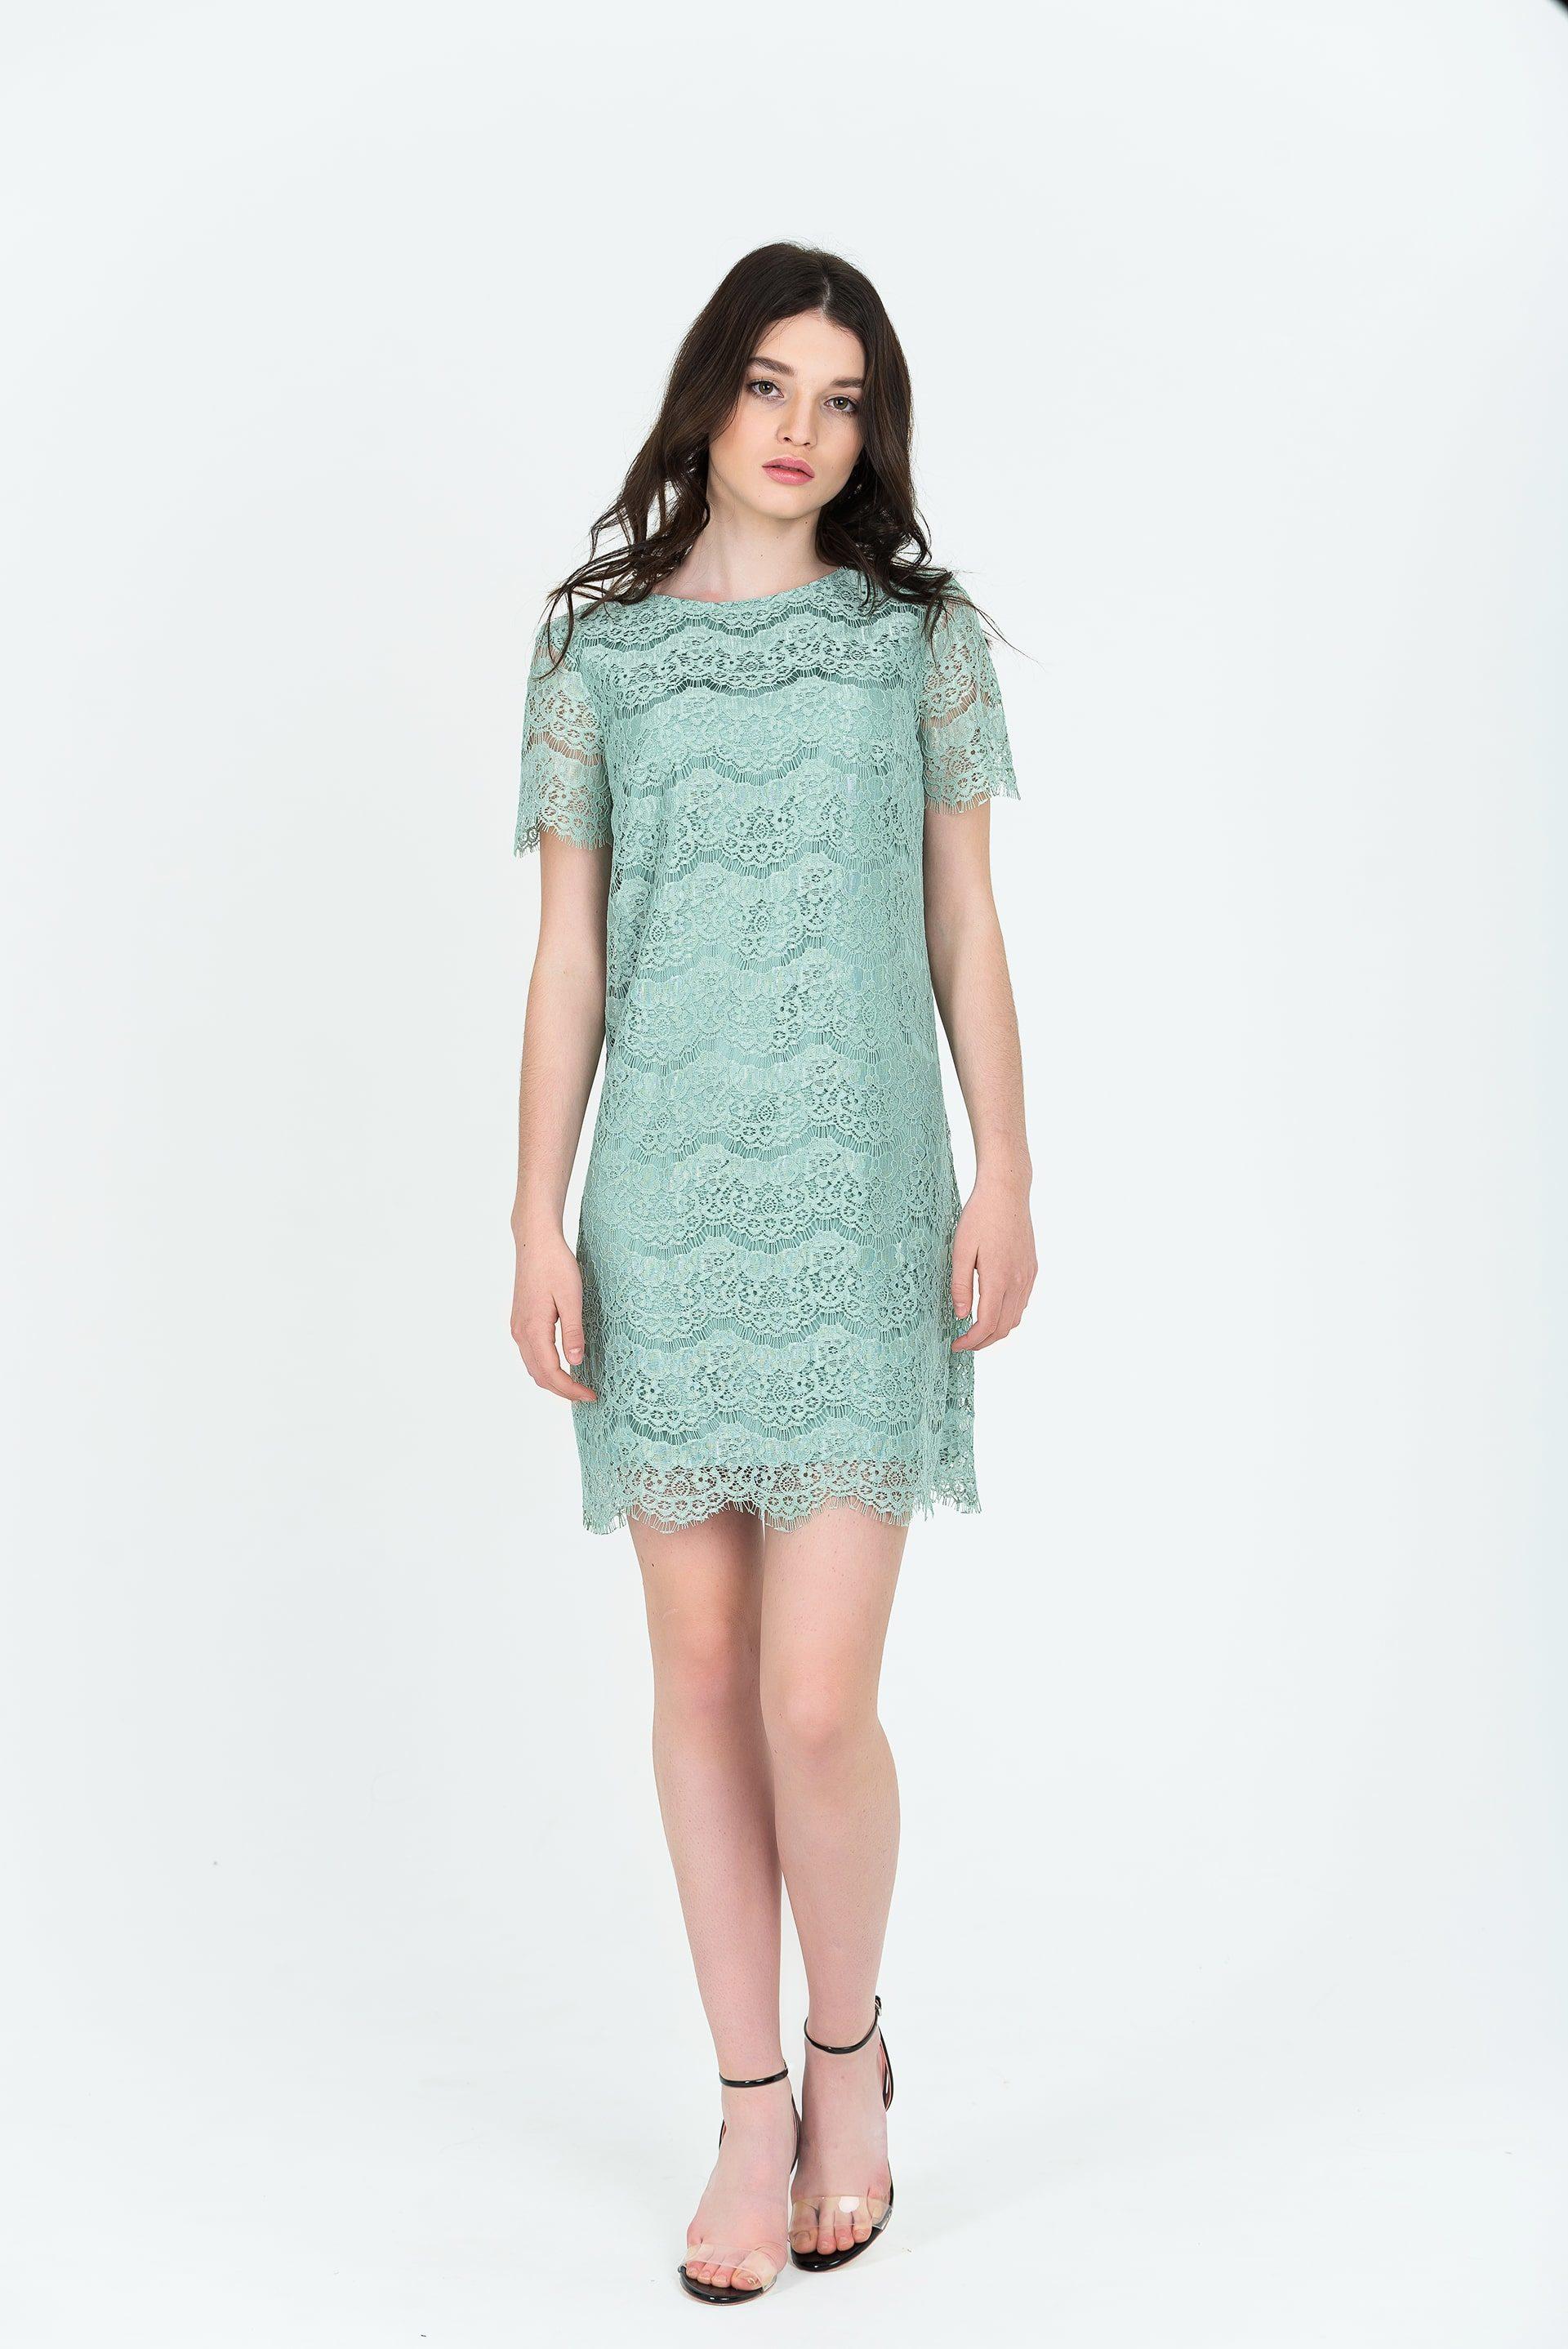 ed07b8667b316 Архивы ПЛАТЬЯ | ANNALIZA Интернет магазин женской одежды